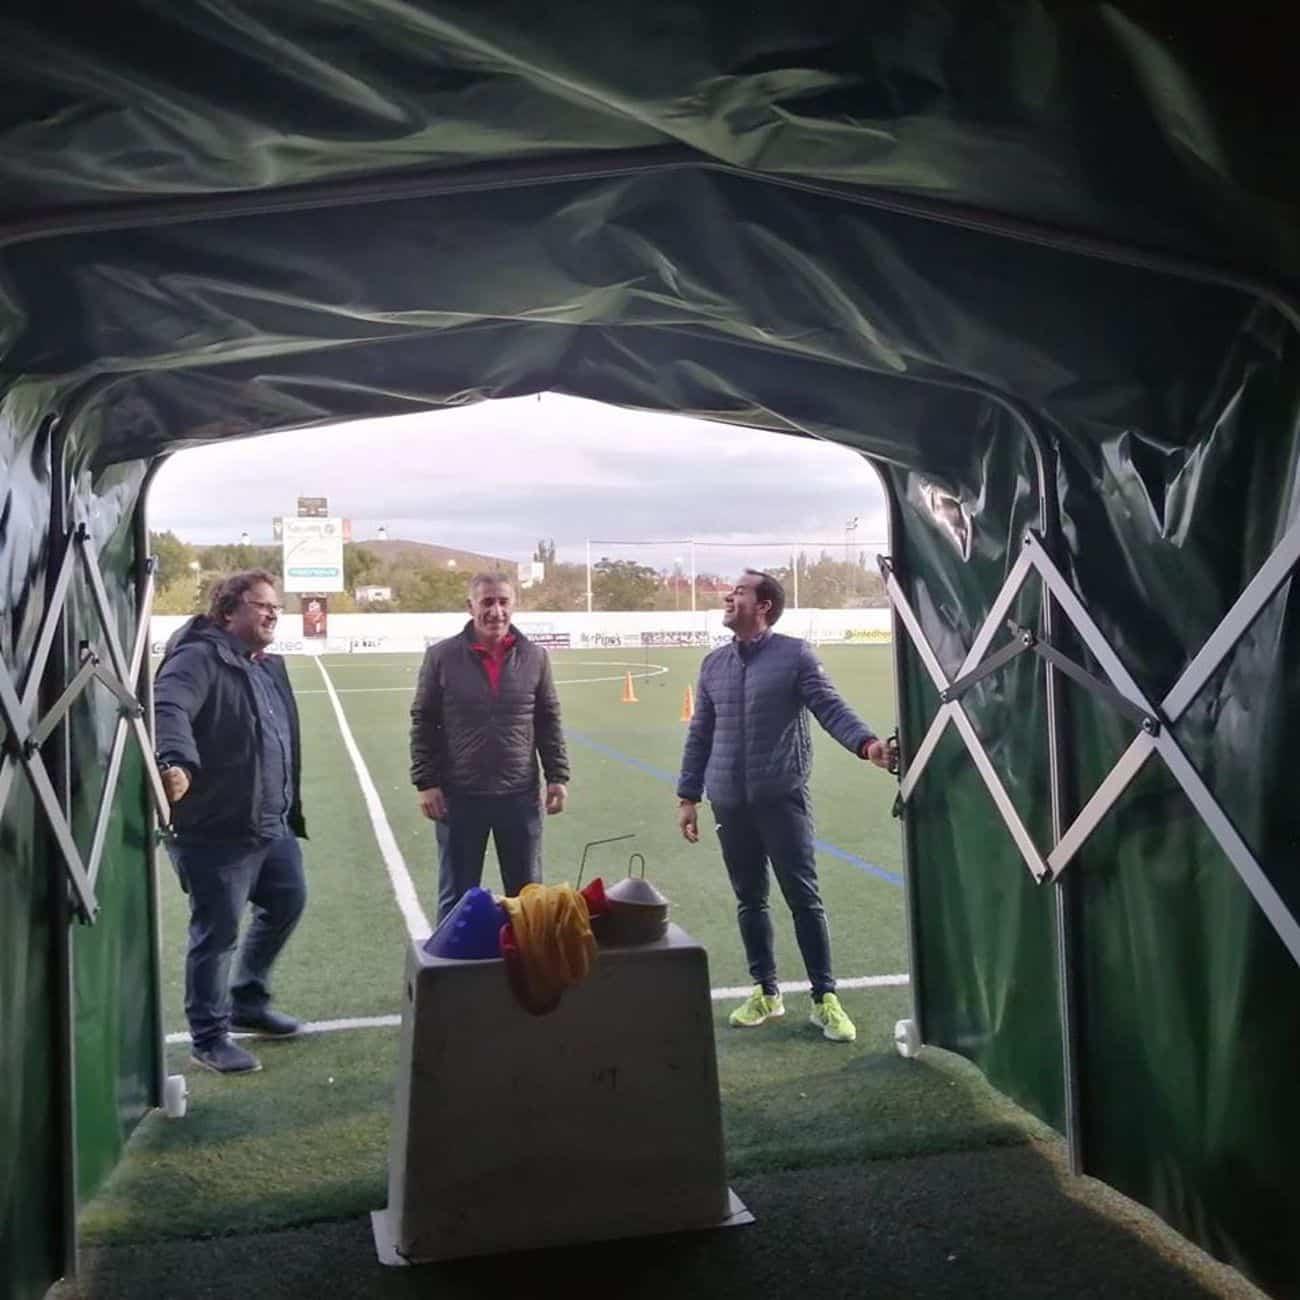 mejoras campo futbol herencia 2 - Mejoras en las instalaciones del campo de fútbol de Herencia